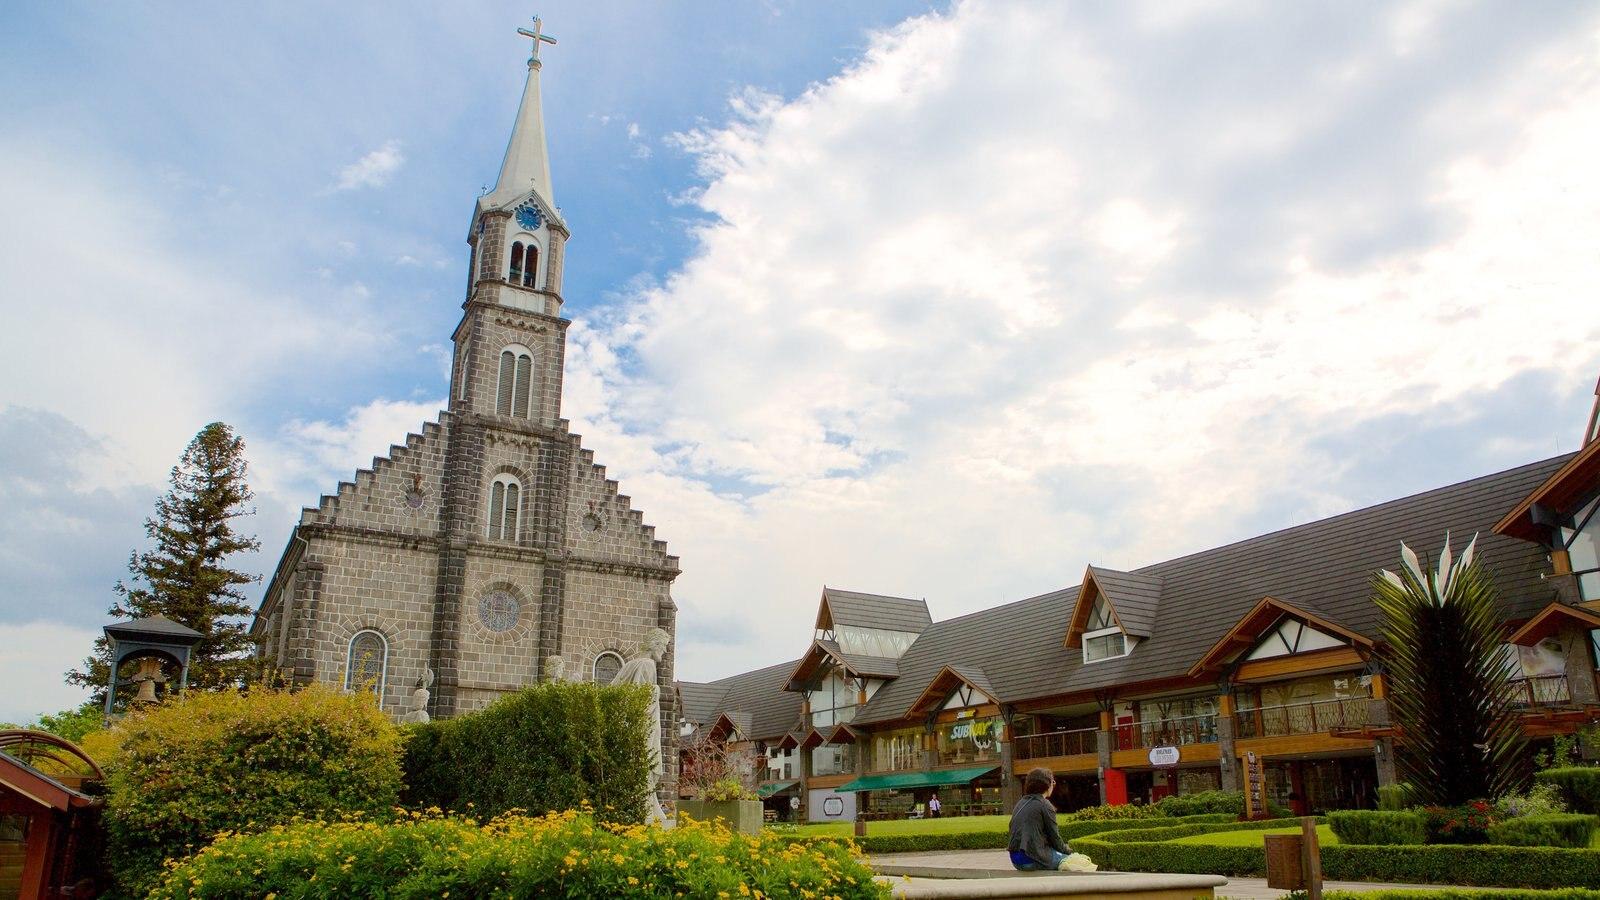 Paróquia de São Pedro Apóstolo que inclui uma igreja ou catedral